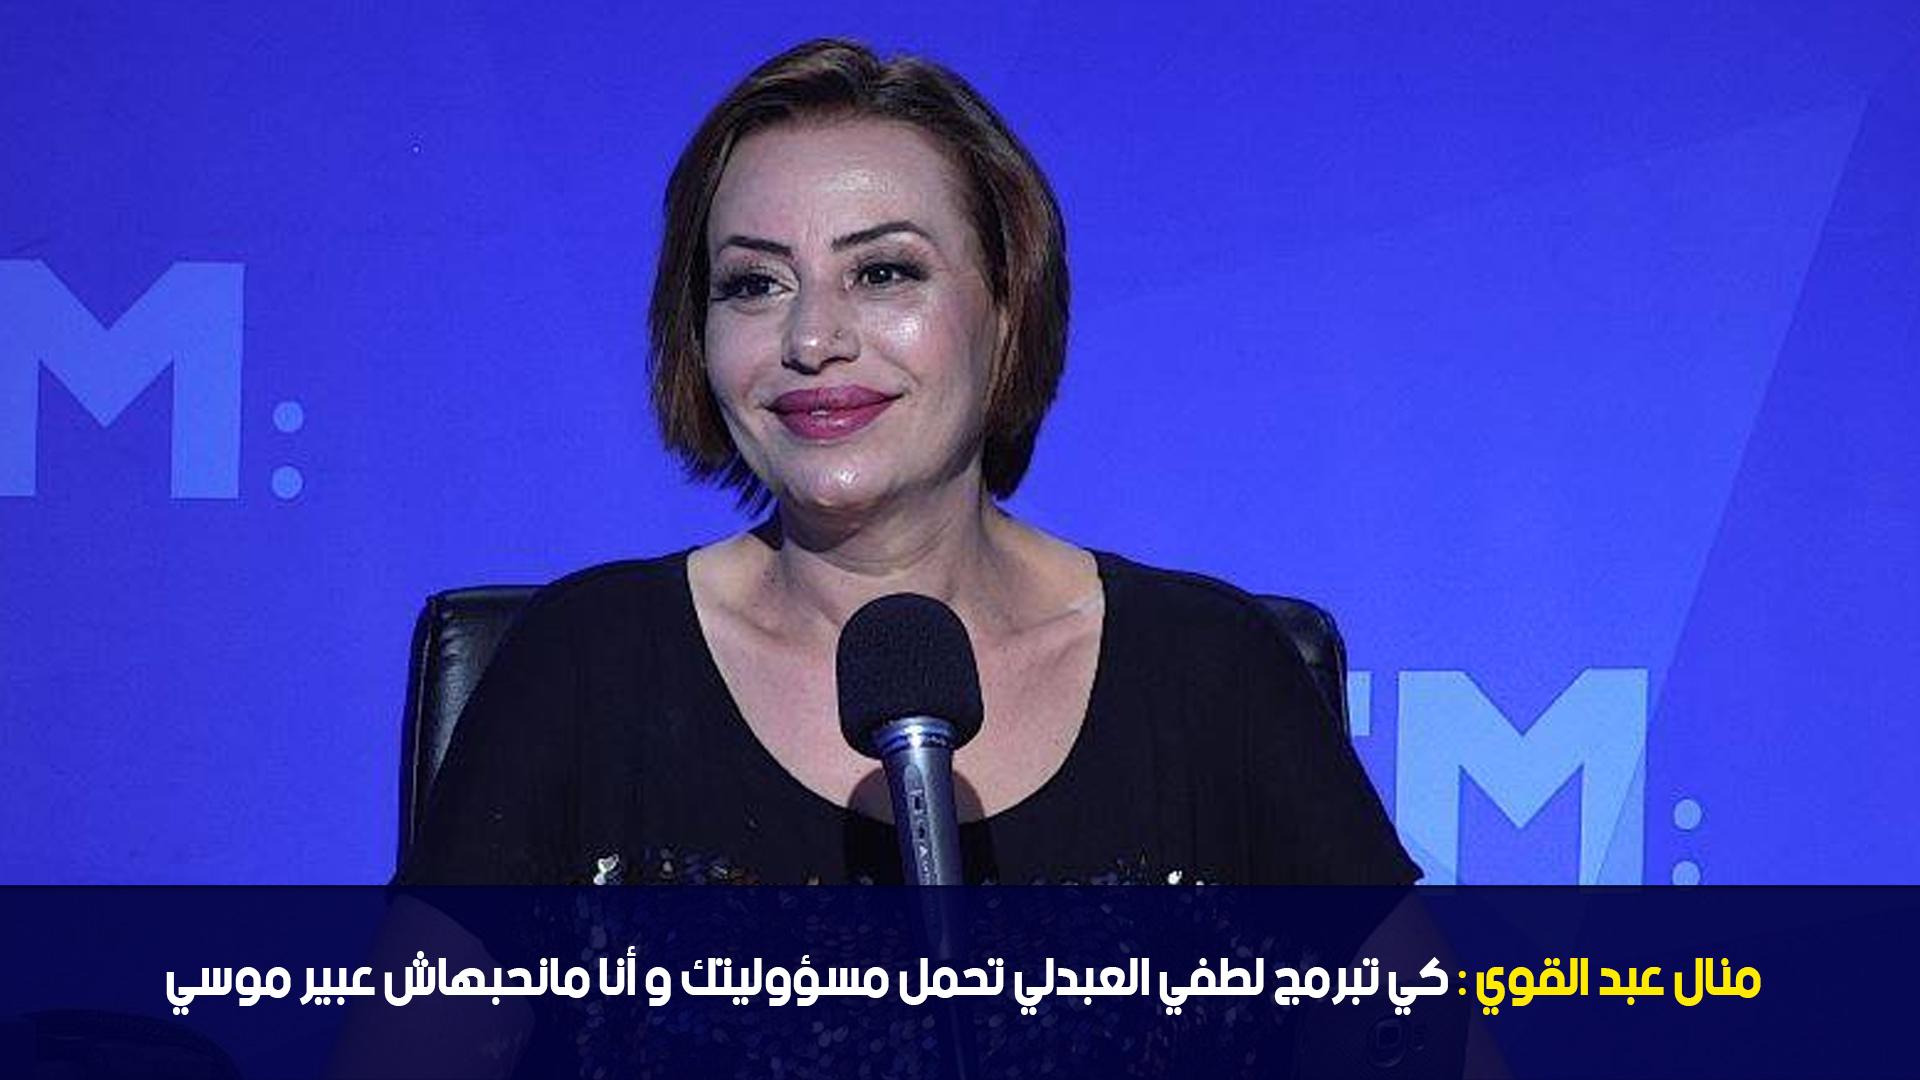 منال عبد القوي: كي تبرمج لطفي العبدلي تحمل مسؤوليتك و أنا مانحبهاش عبير موسي